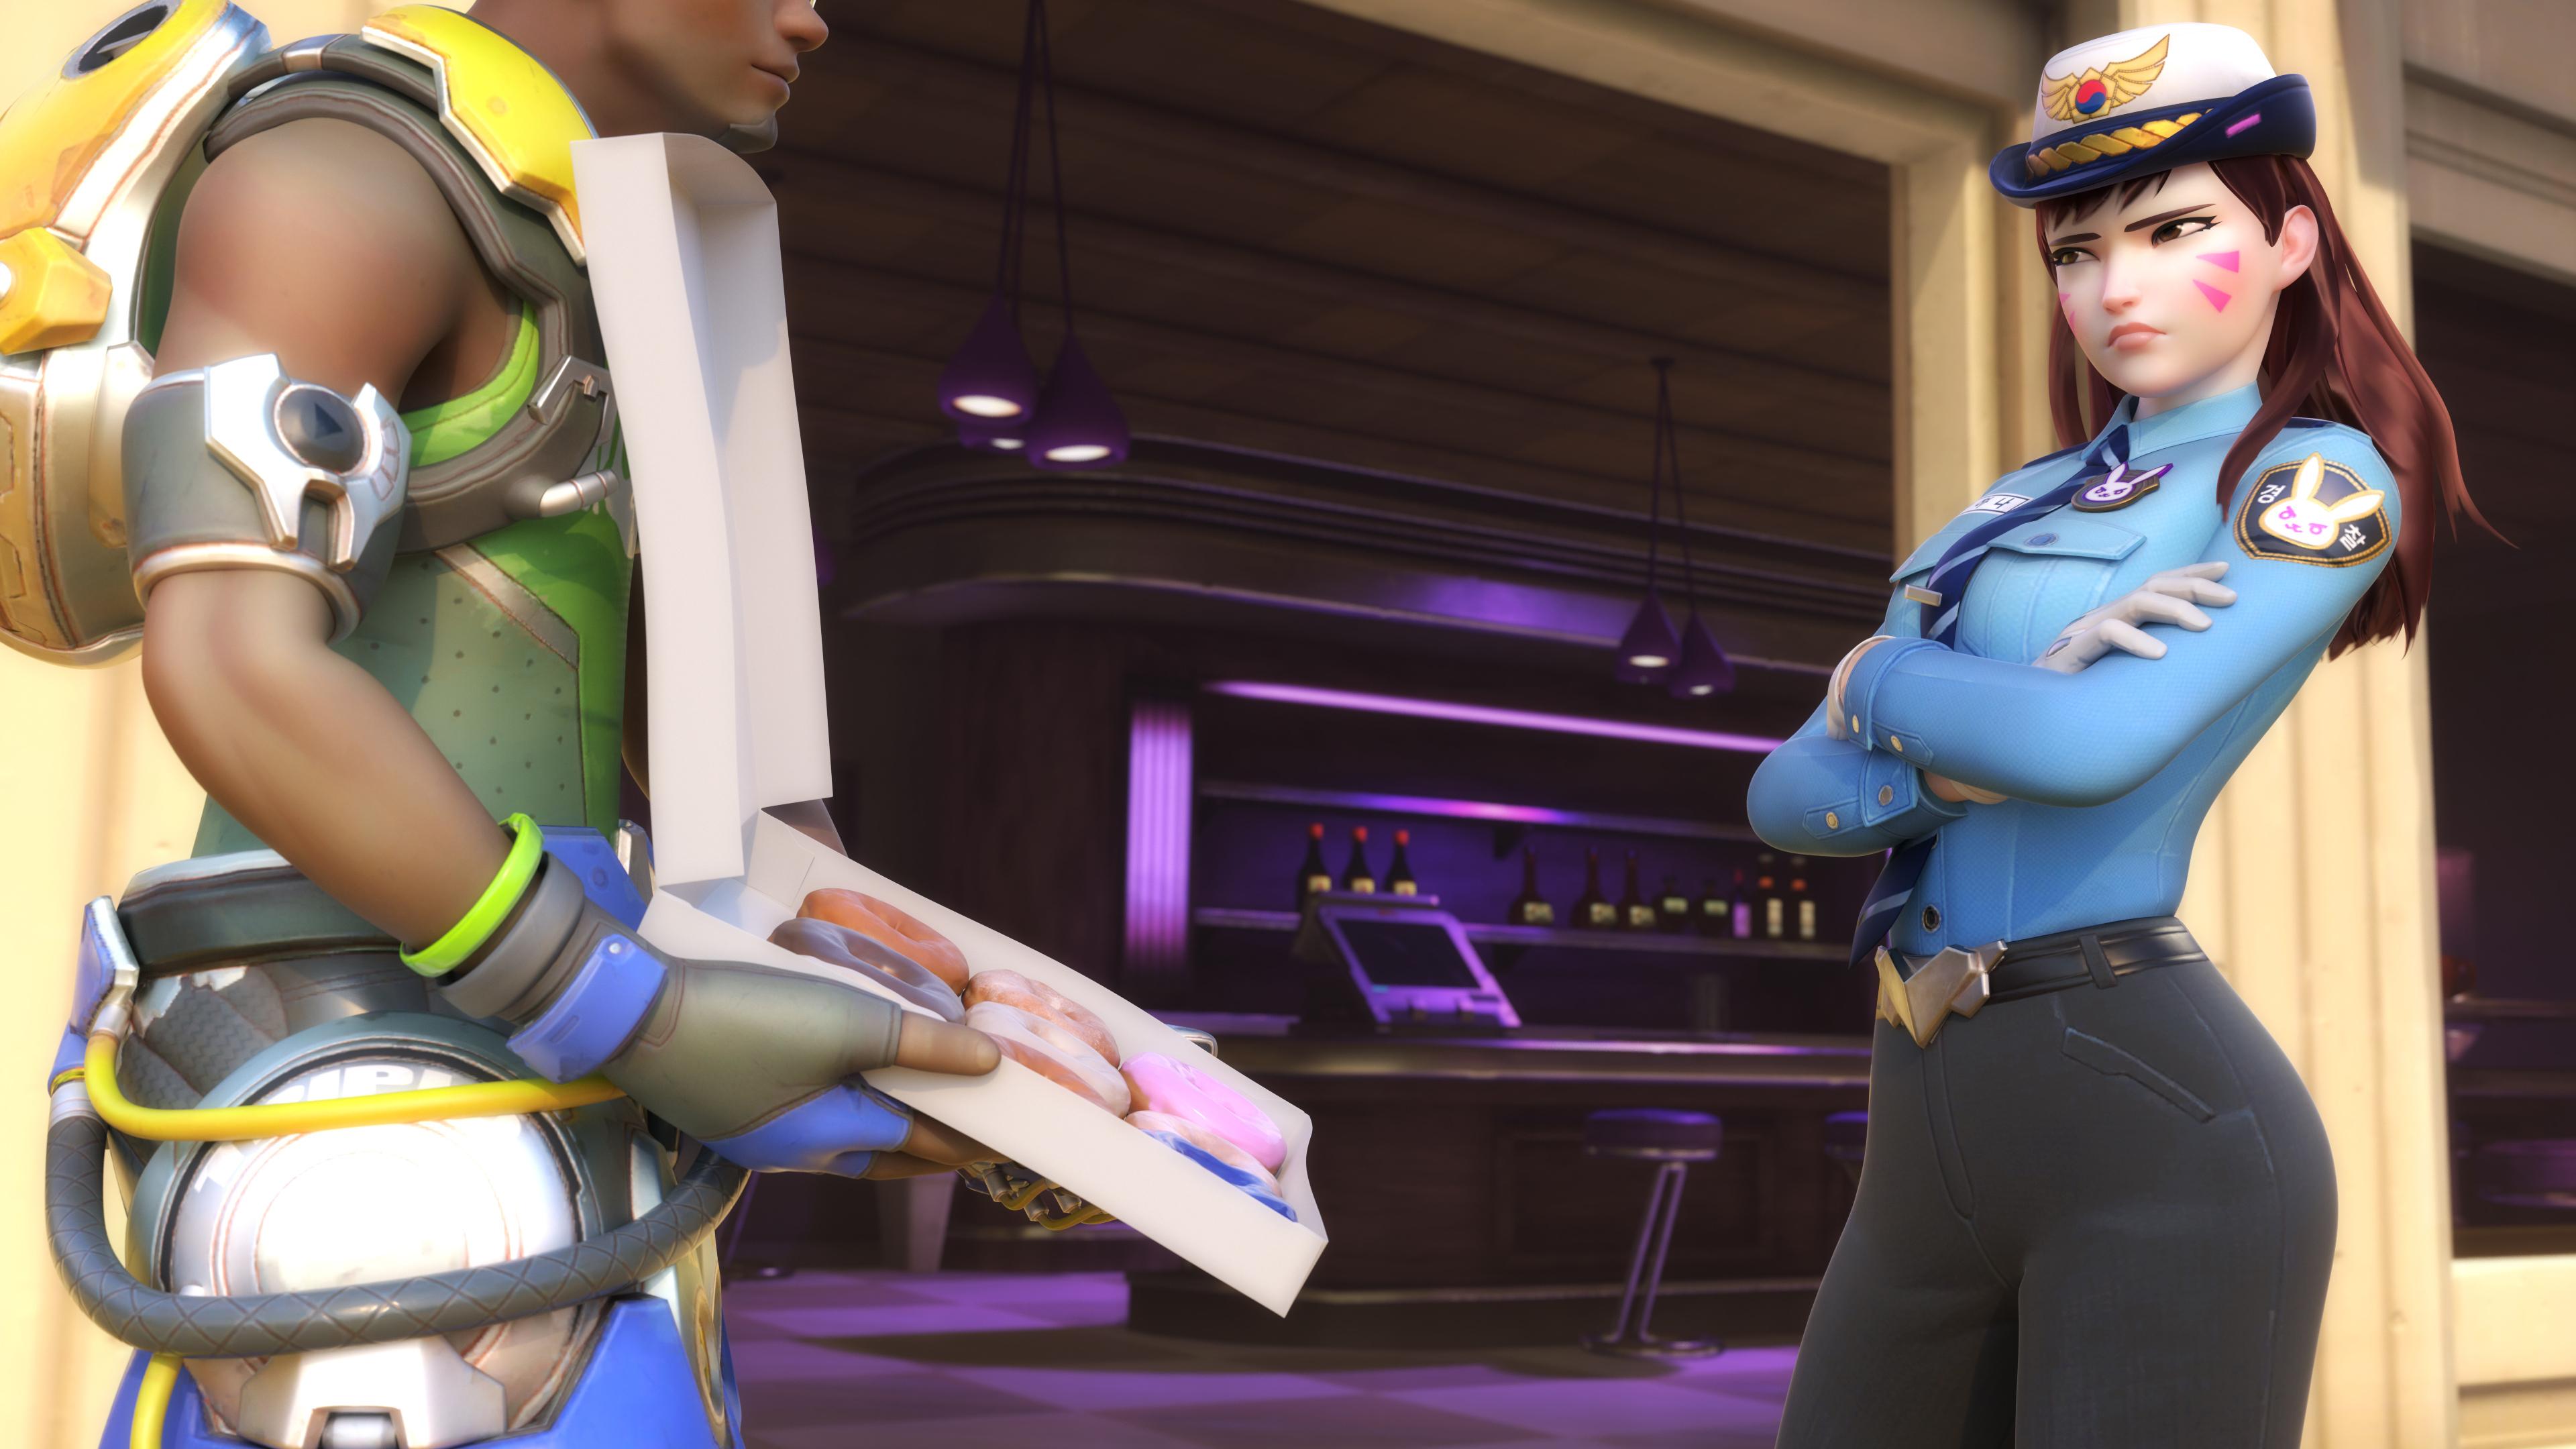 2048x2048 Widowmaker Overwatch Art Ipad Air Hd 4k: Wallpaper Officer DVa Overwatch 4K Azeroth, Dva, Officer